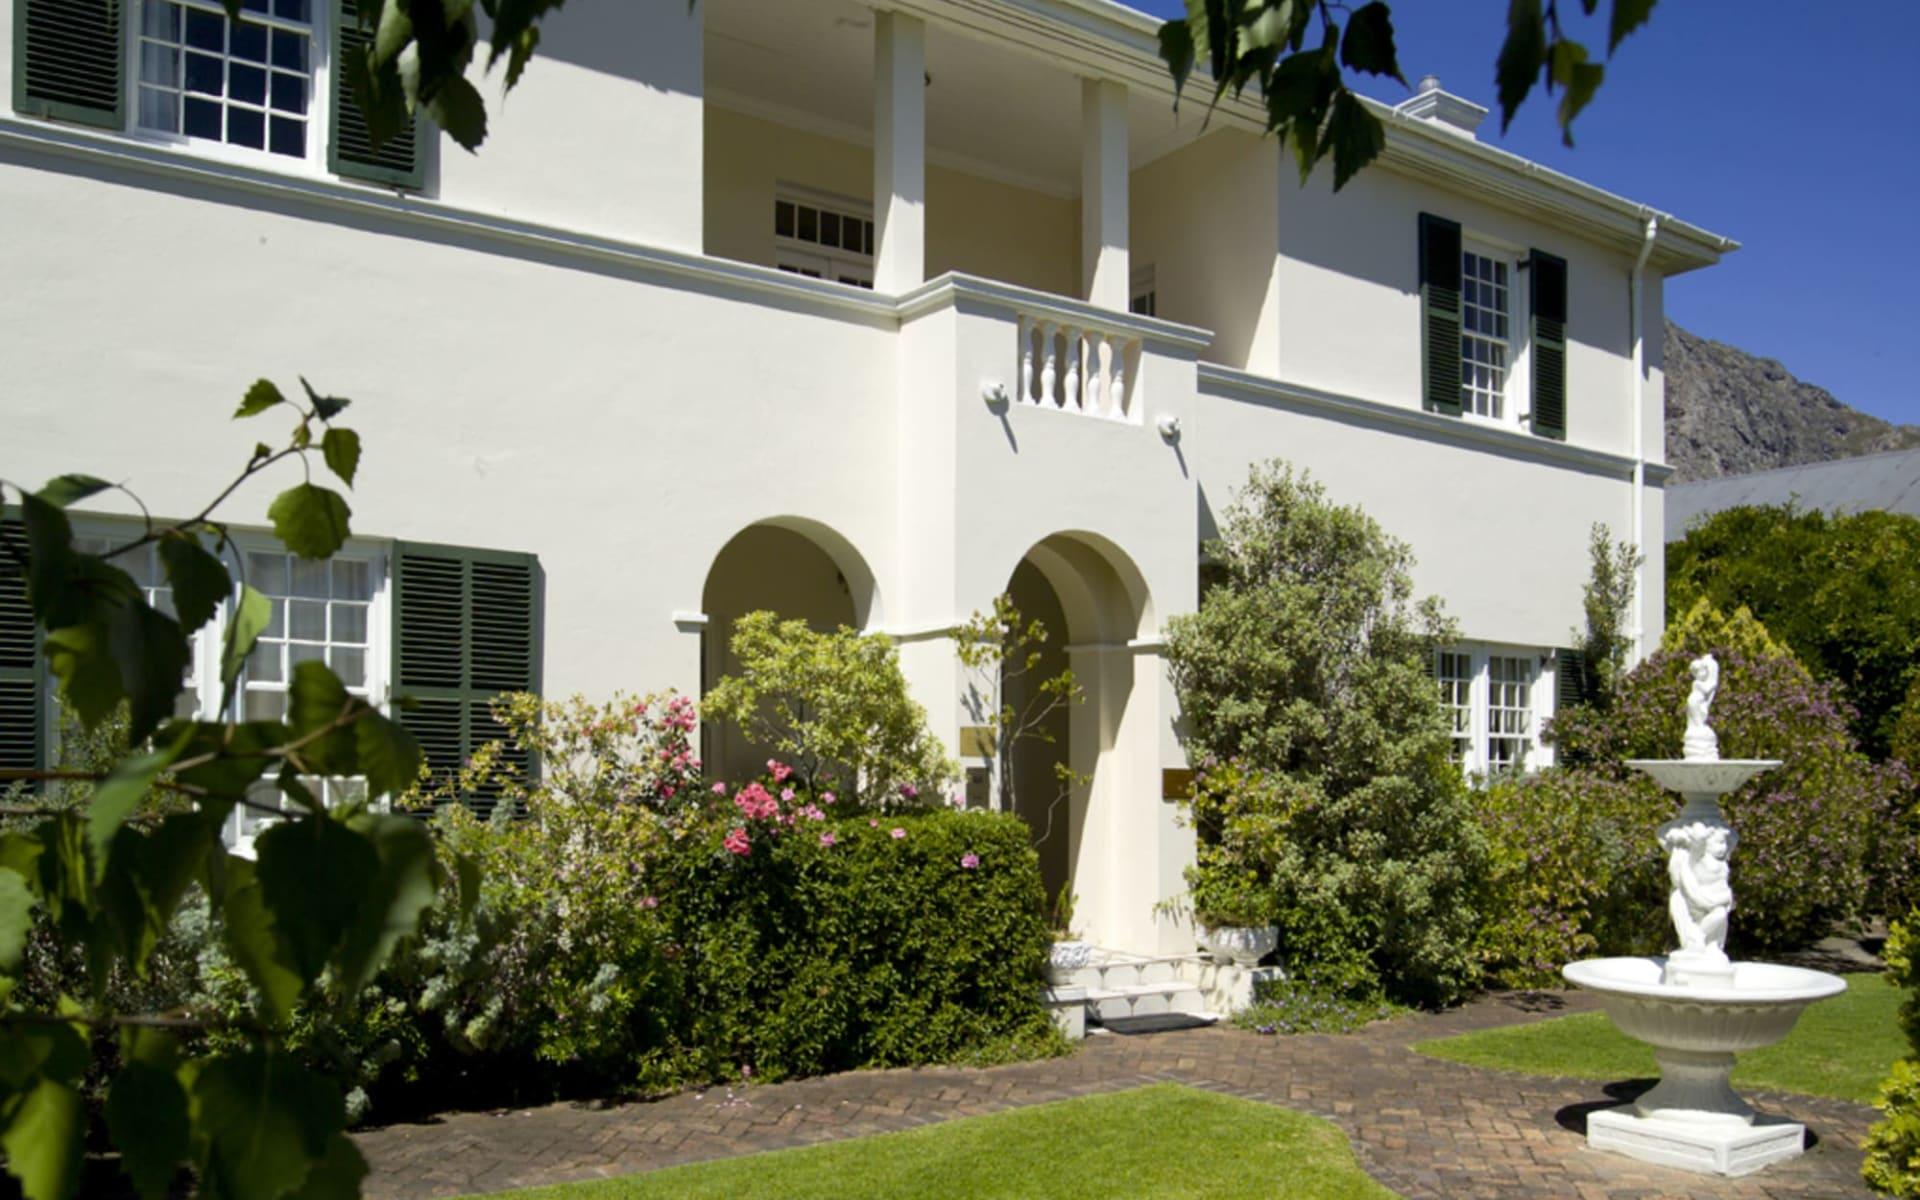 La Fontaine Guest House in Franschhoek:  La Fontaine Guesthouse - Aussenansicht mit Garten